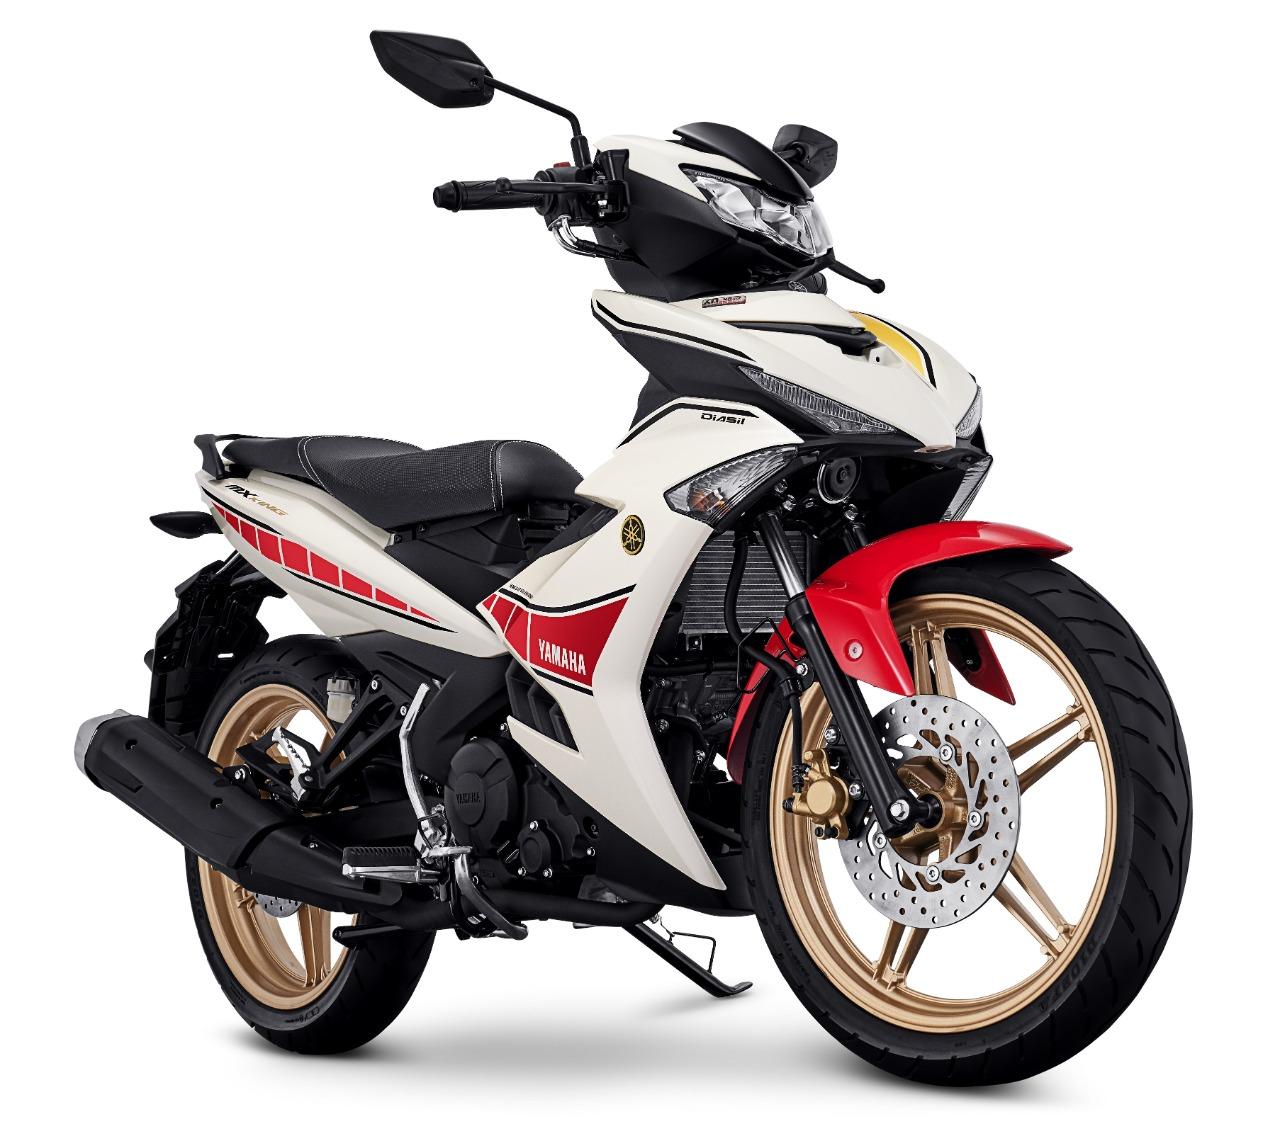 Ciri khas pada body motor bebek sporty terbaik MX King 150, speedblock warna merah di horizontal line dengan stripe hitam, dilengkapi velg warna emas